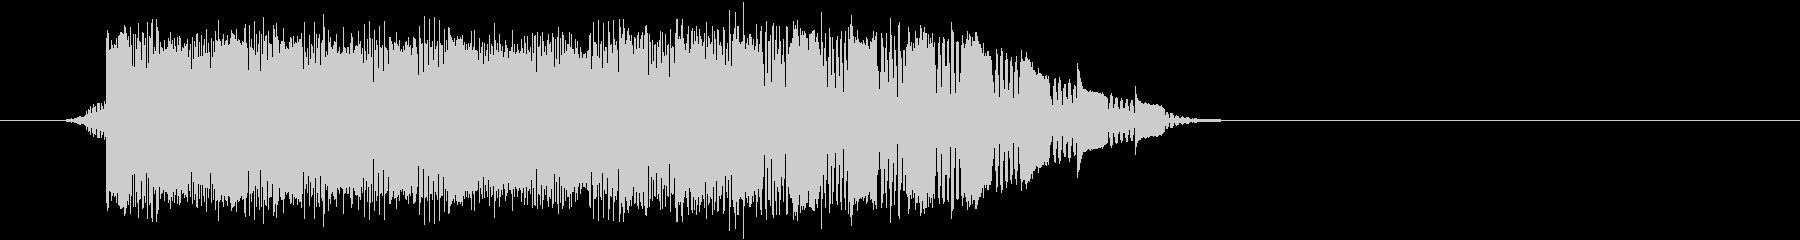 AMGアナログFX 39の未再生の波形